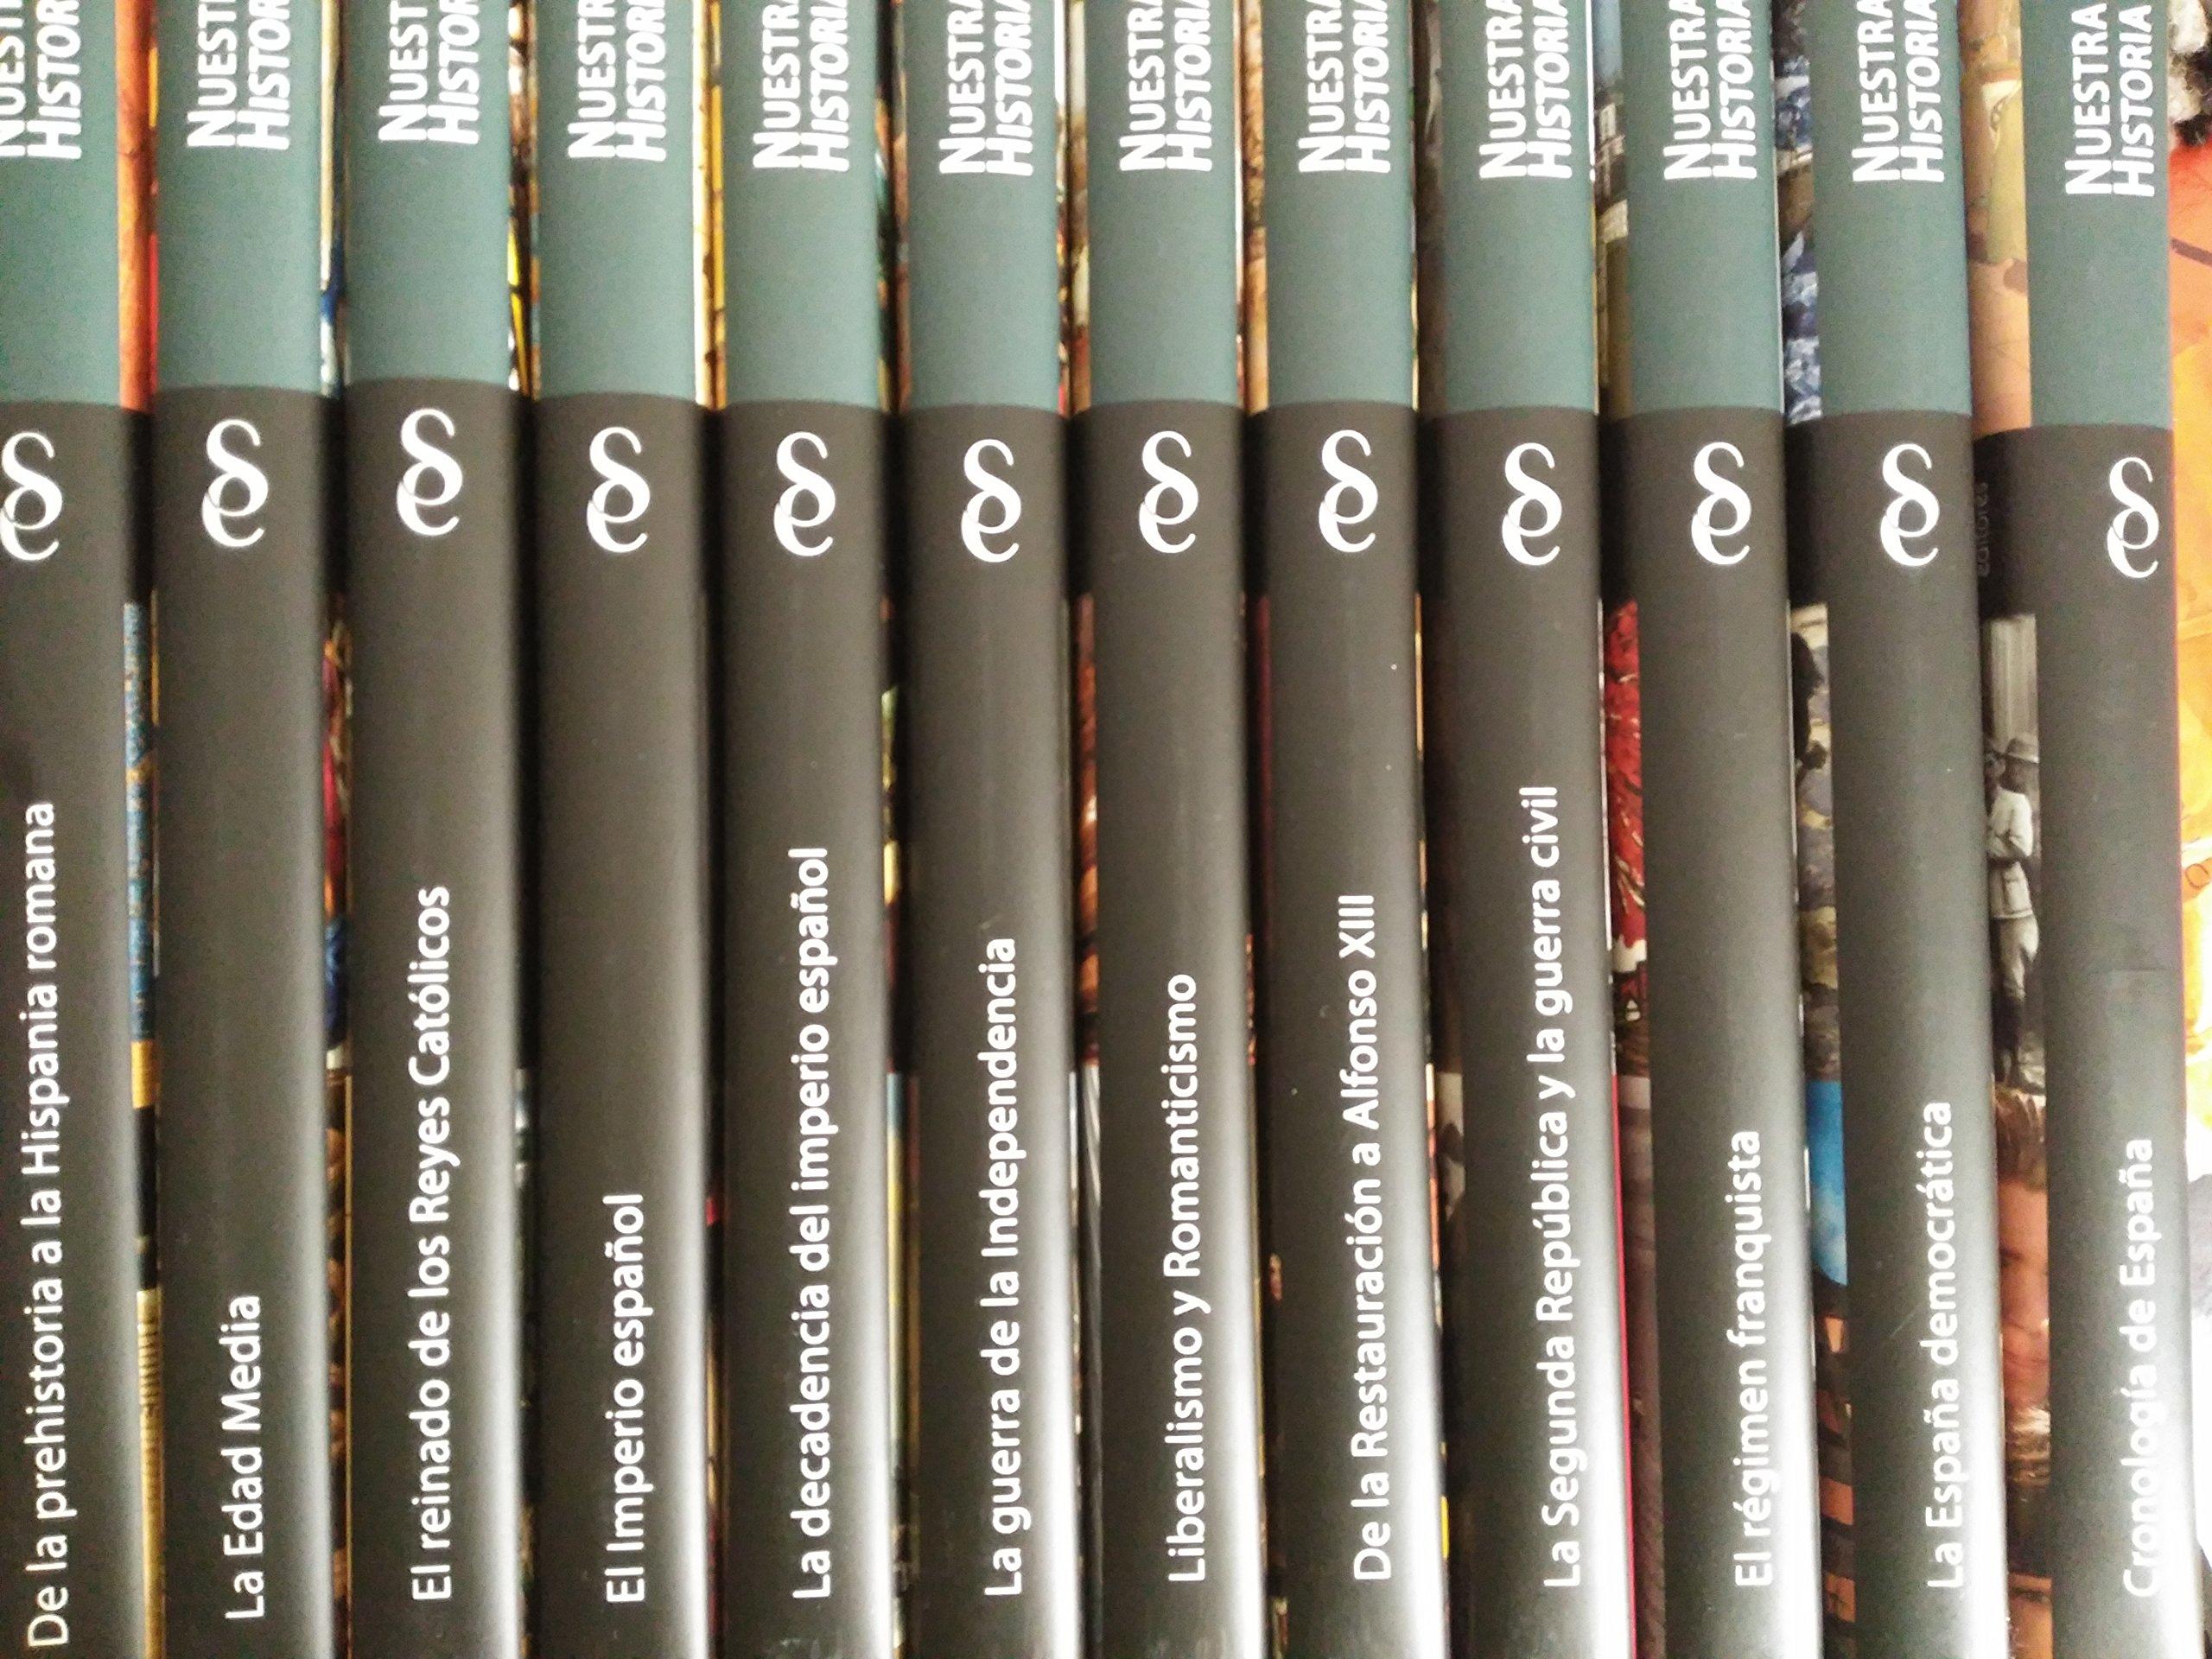 Nuestra historia: España en su memoria: 12: Amazon.es: Signo Editores: Libros